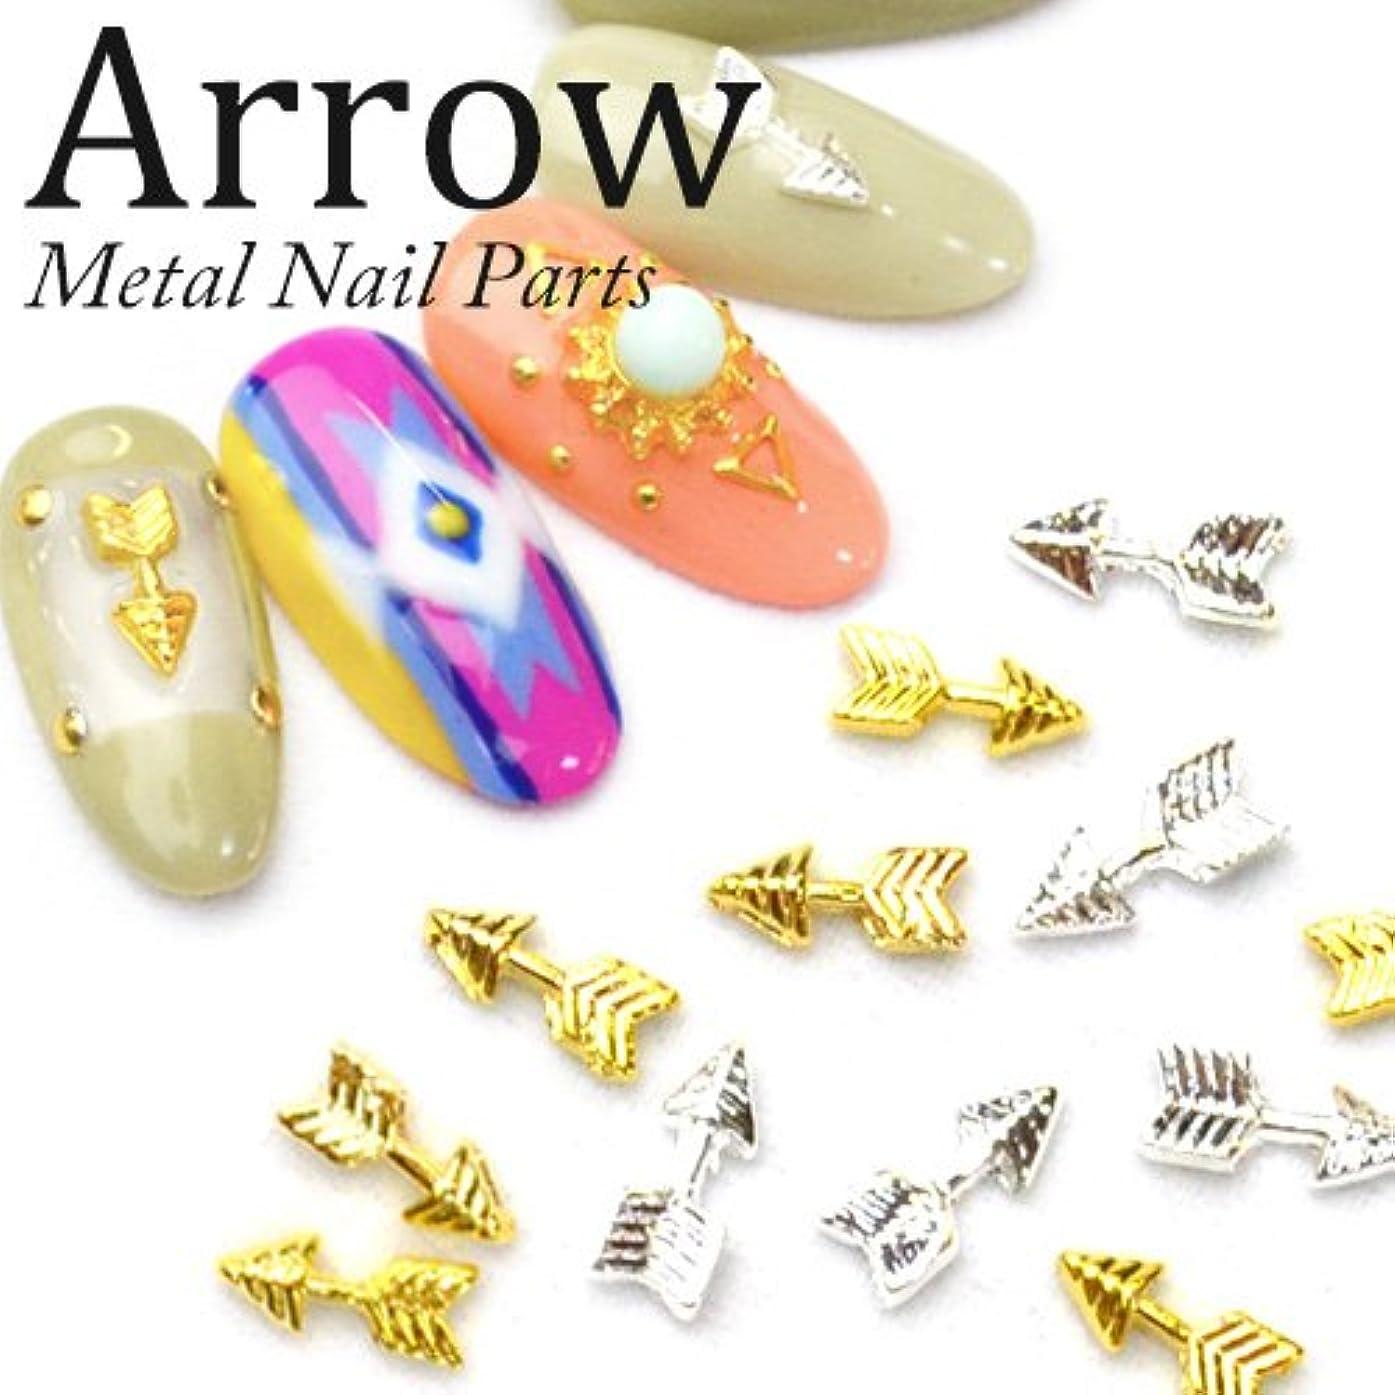 哺乳類叫ぶ毎週アロー メタルネイルパーツ5個入[ゴールド] 矢型スタッズ ジェルネイル